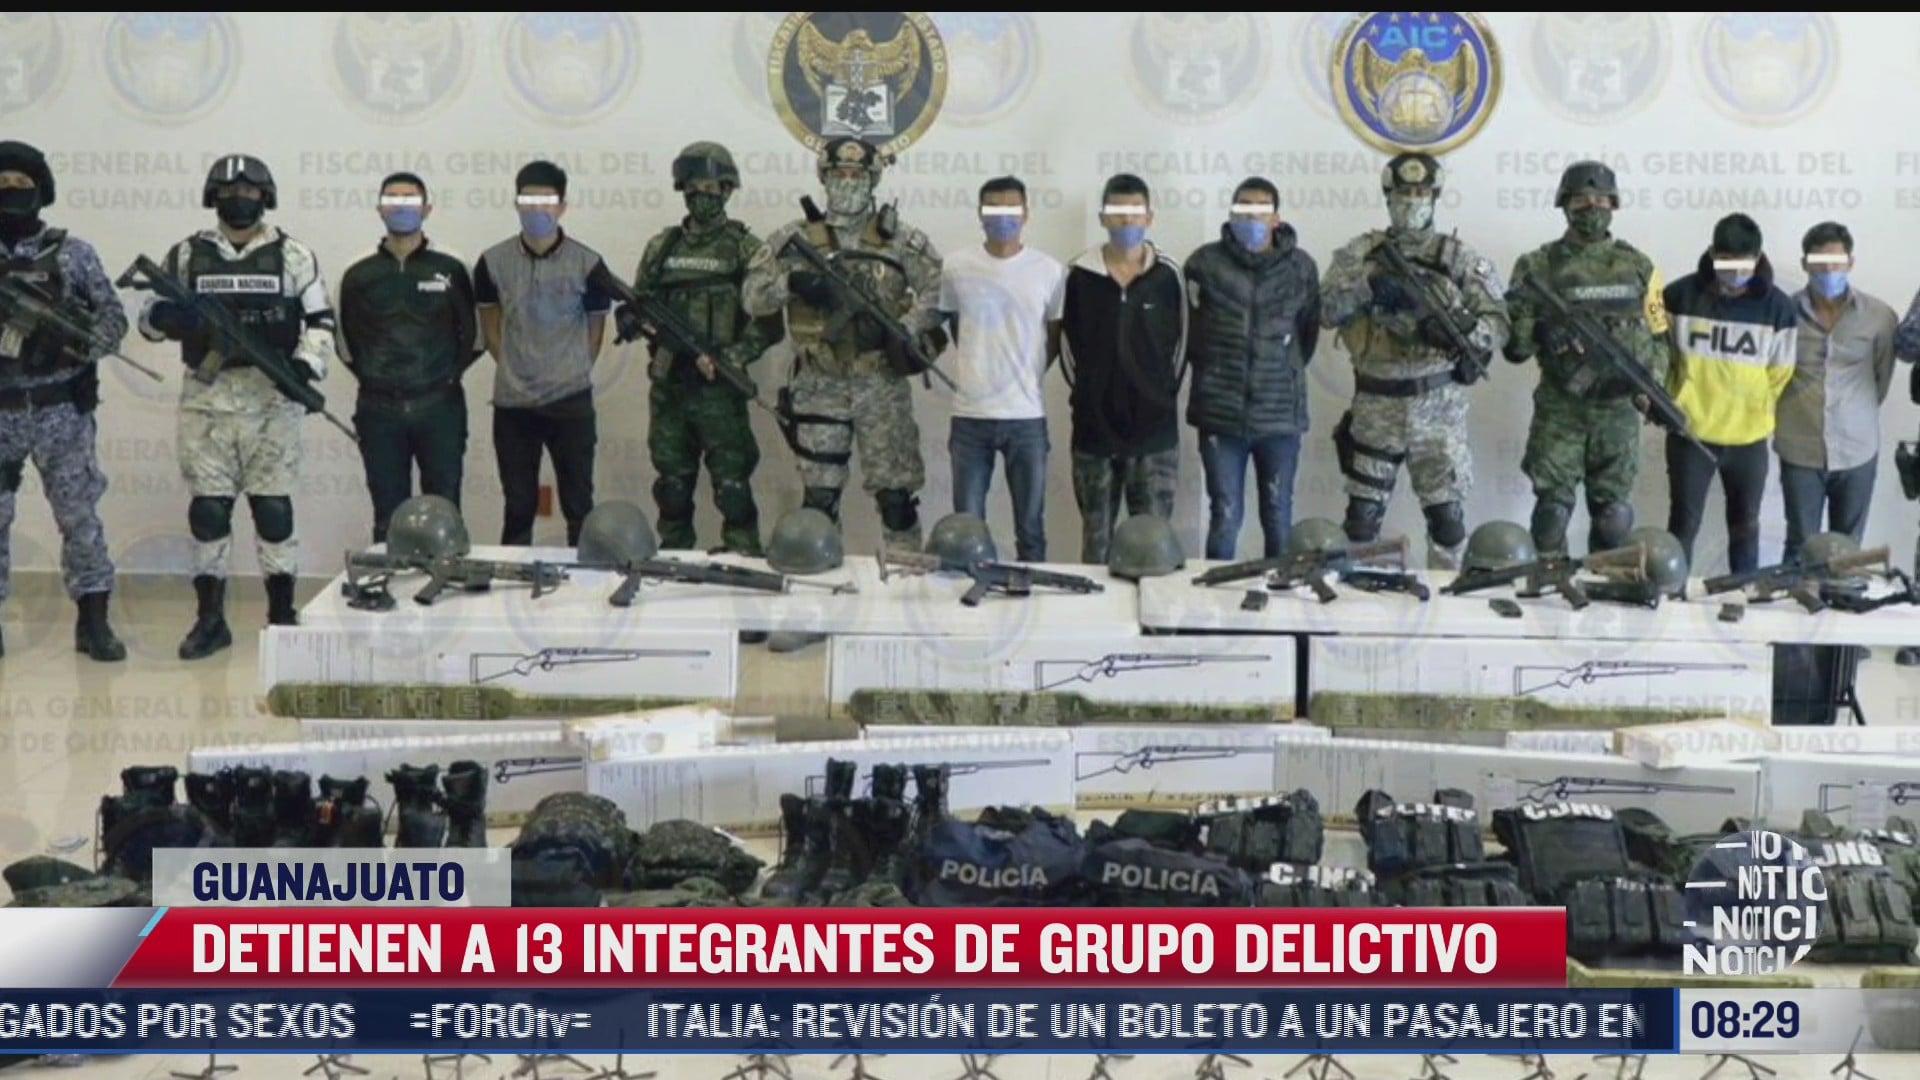 en guanajuato detienen a 13 integrantes de un grupo delictivo del estado de jalisco